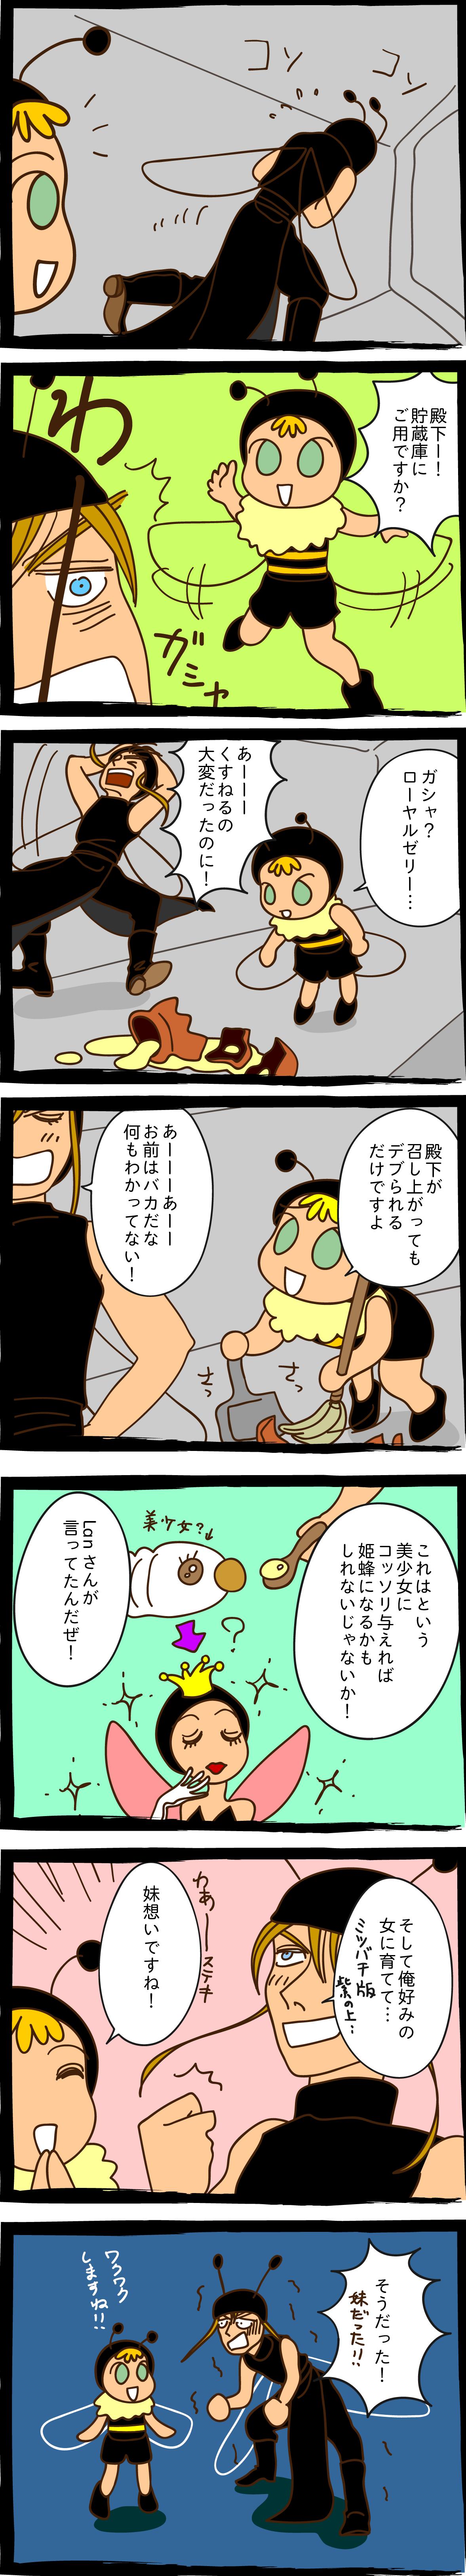 みつばち漫画みつばちさん:2. 理想の姫君